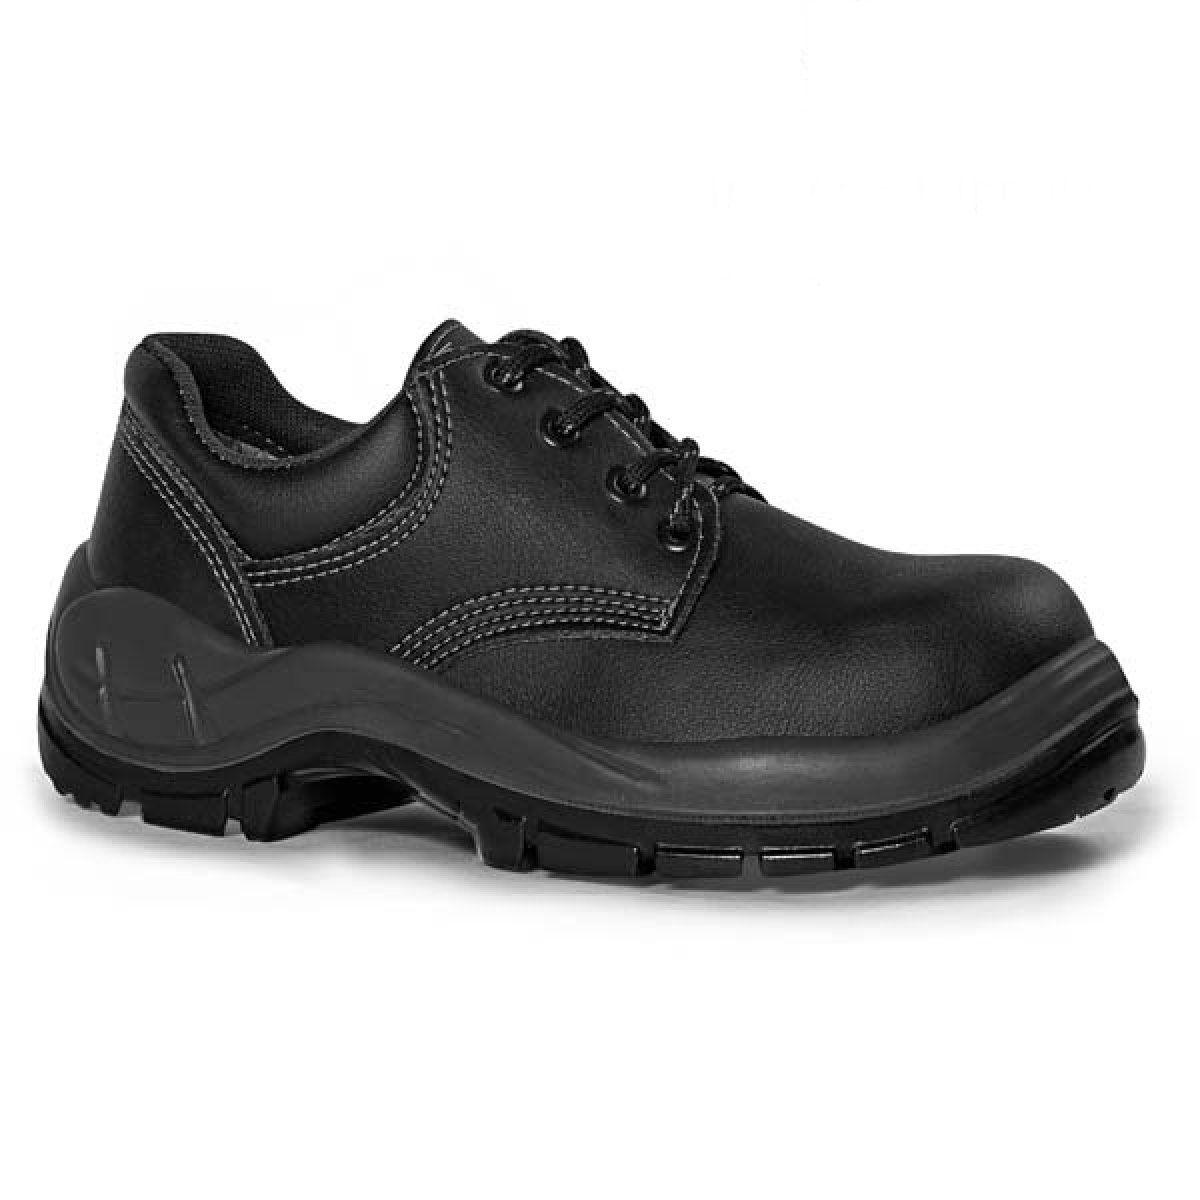 Sapato c/ Cadarço Bidensidade s/ Bico de Aço Preto N°35 - BRACOL